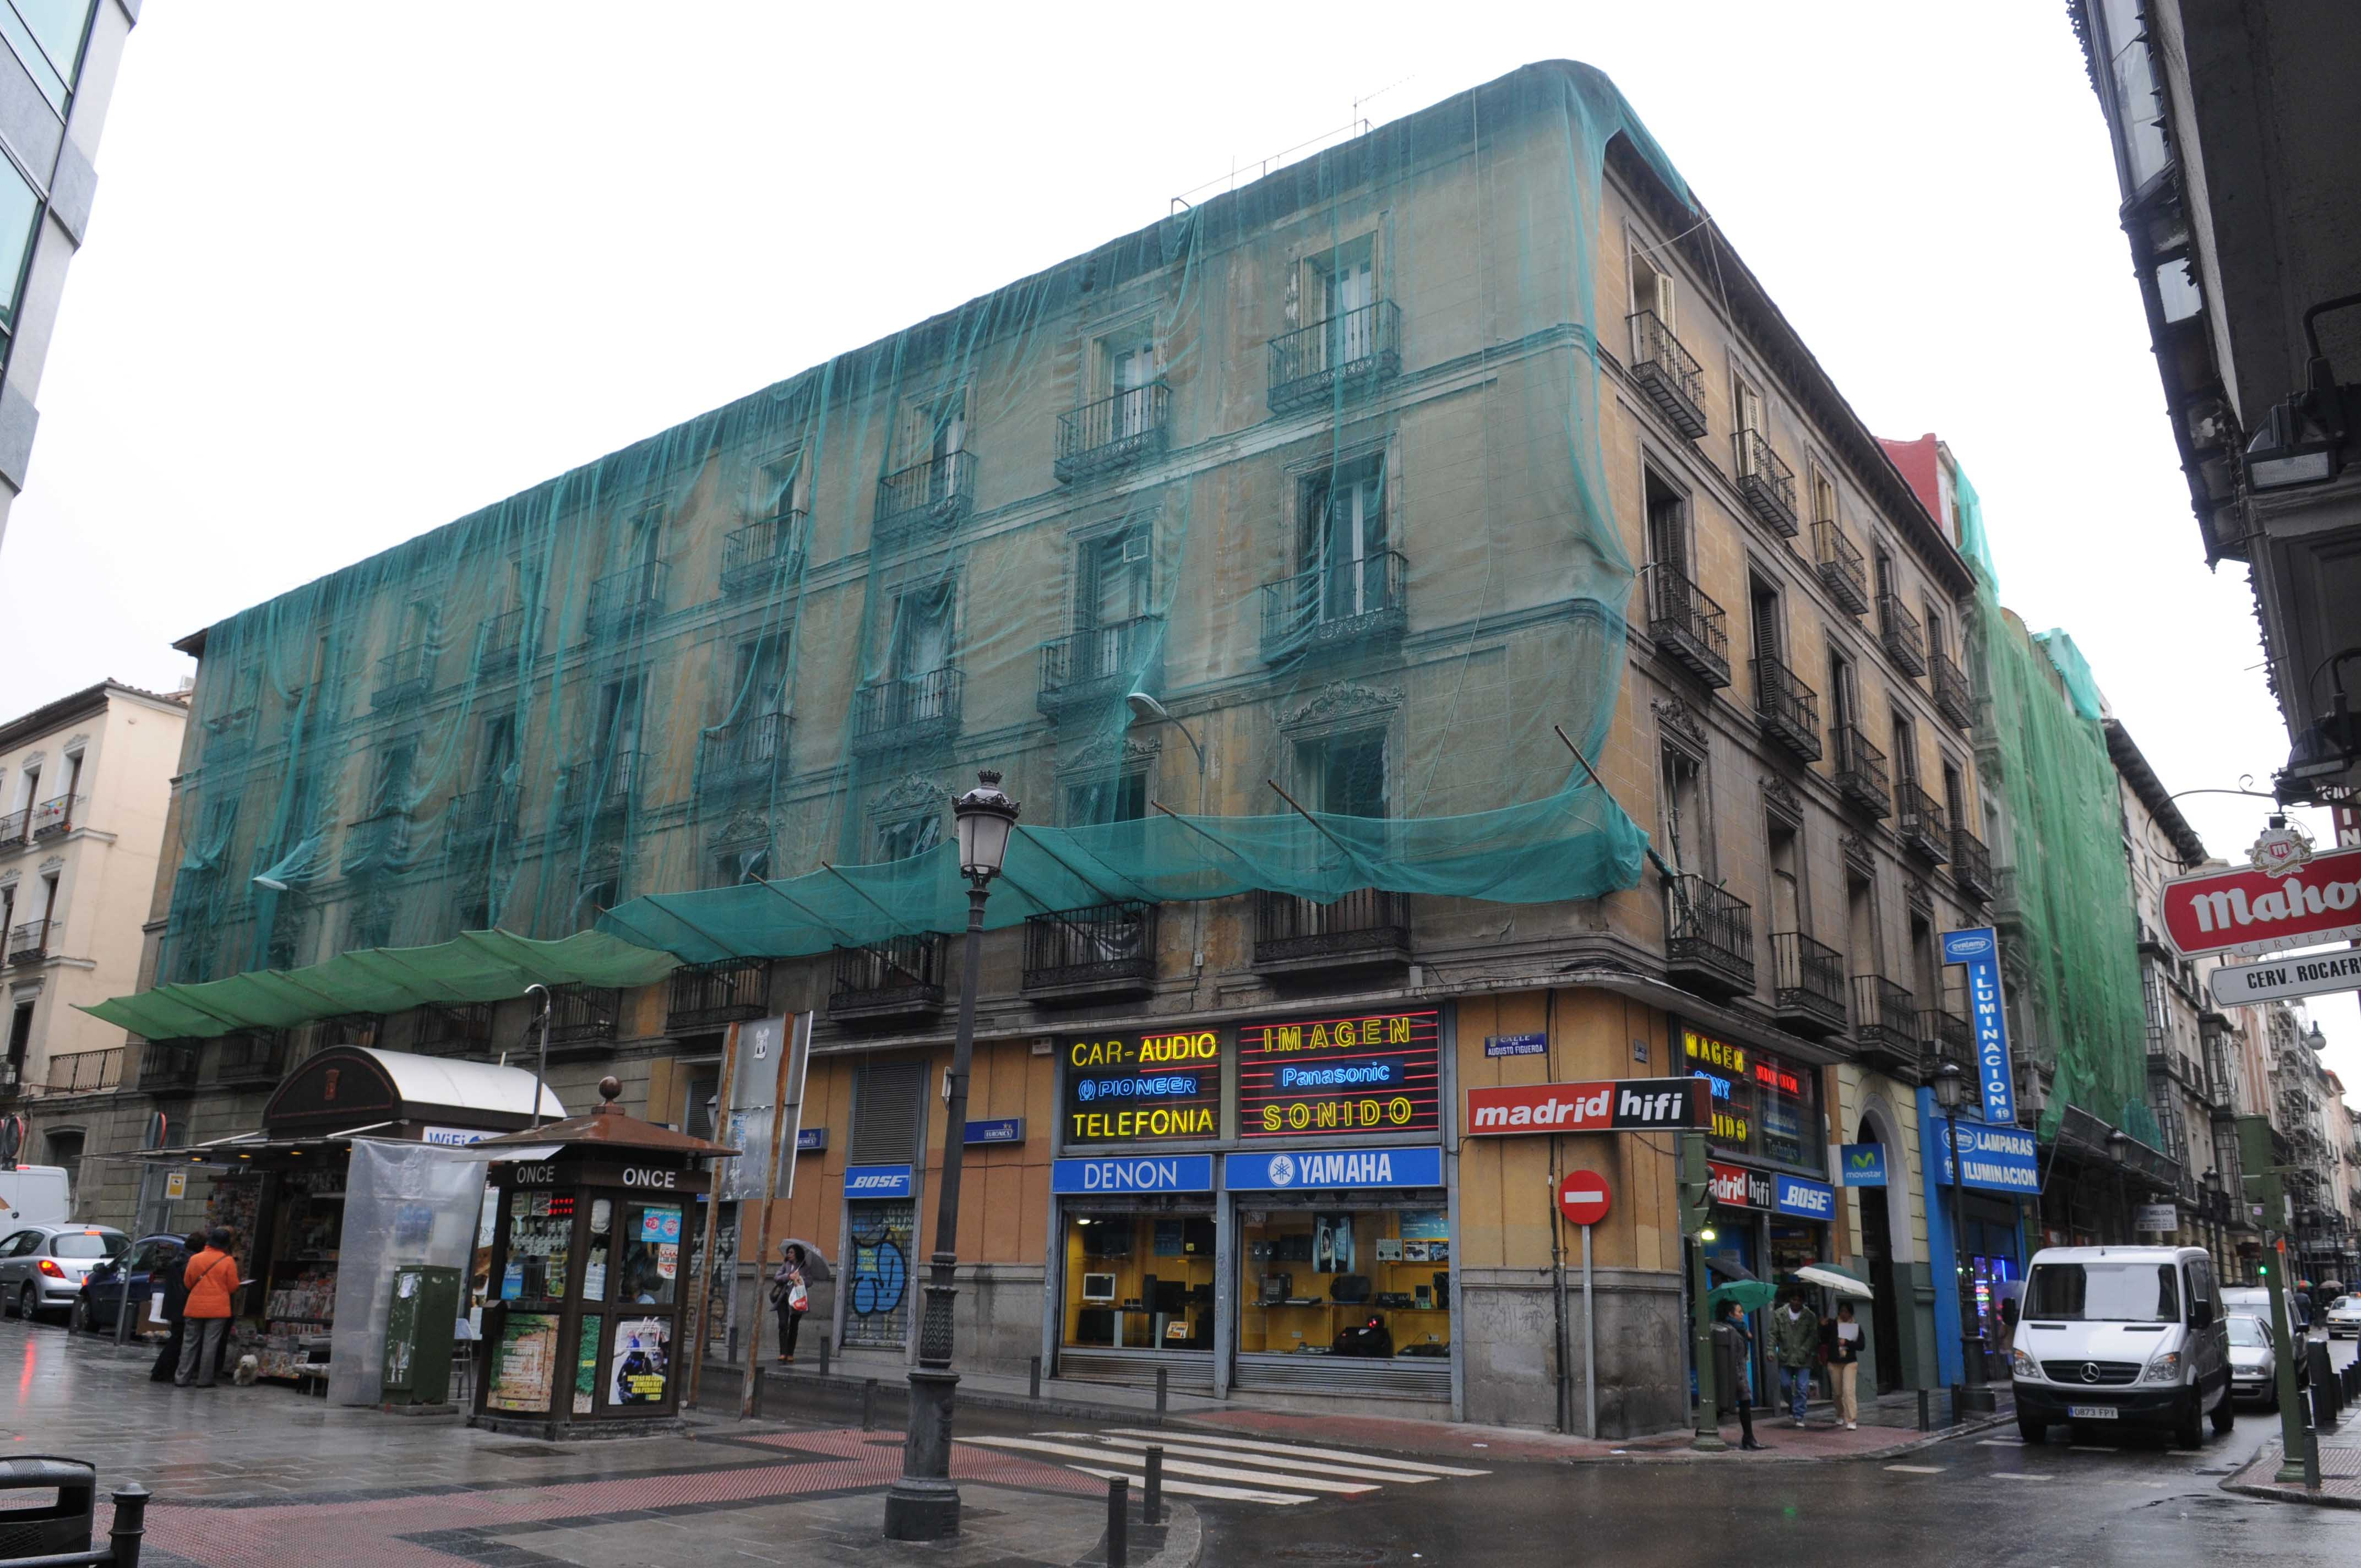 Un nuevo hotel junto a recoletos prado ayuntamiento de for Calle prado 8 madrid